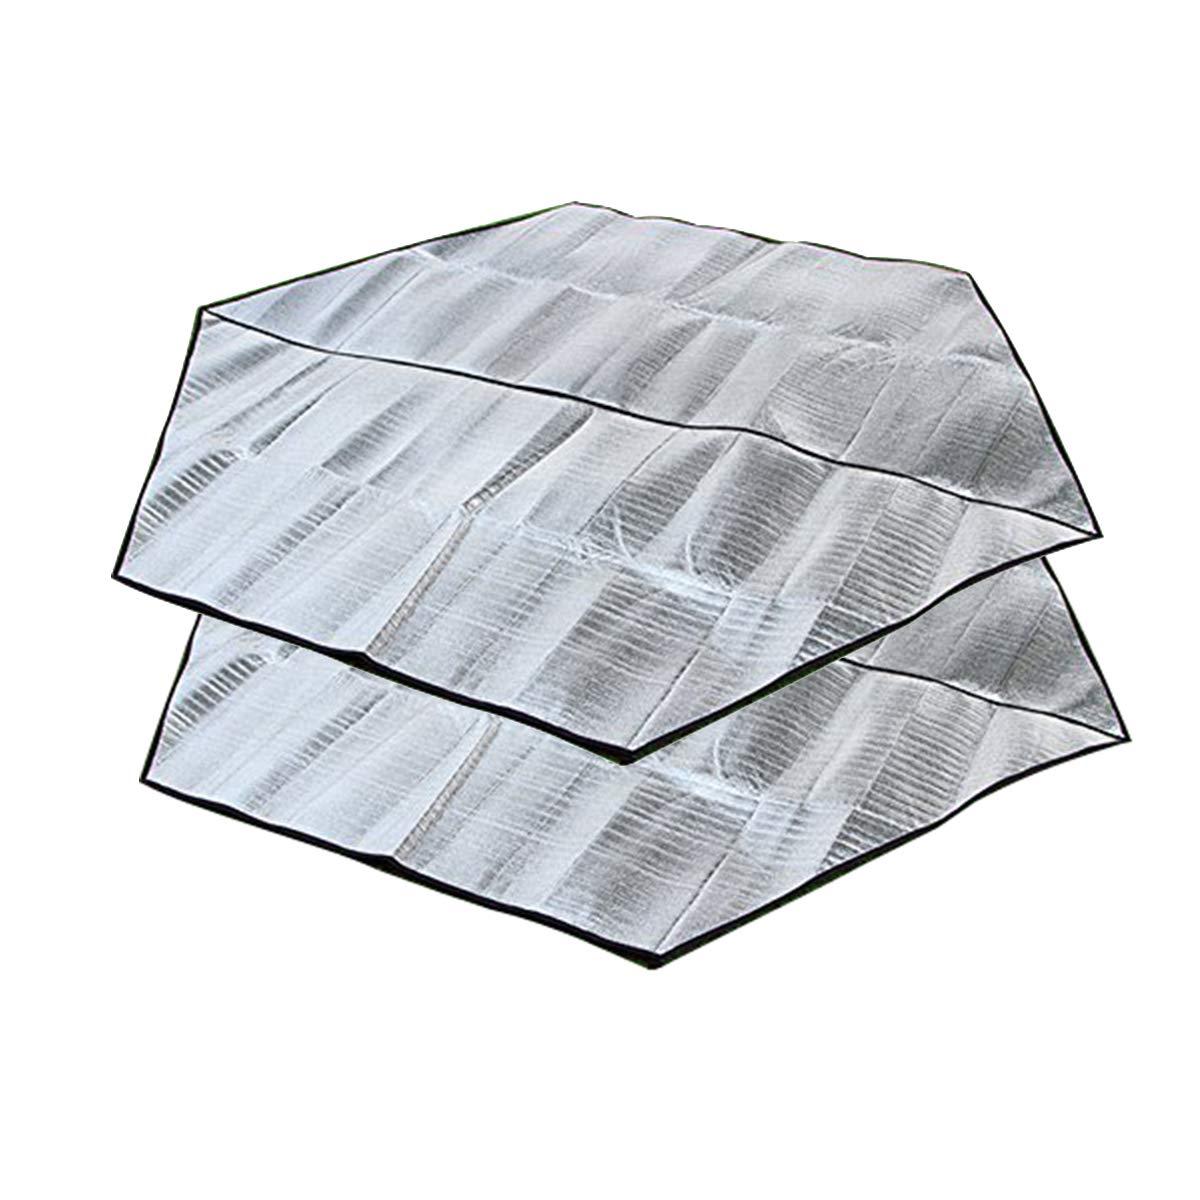 DMGF Camping Blanket Picnic Mat Hexagonal Outdoor Aluminum Cushion Waterproof Tent Mat for Beaches Hiking 2Piece